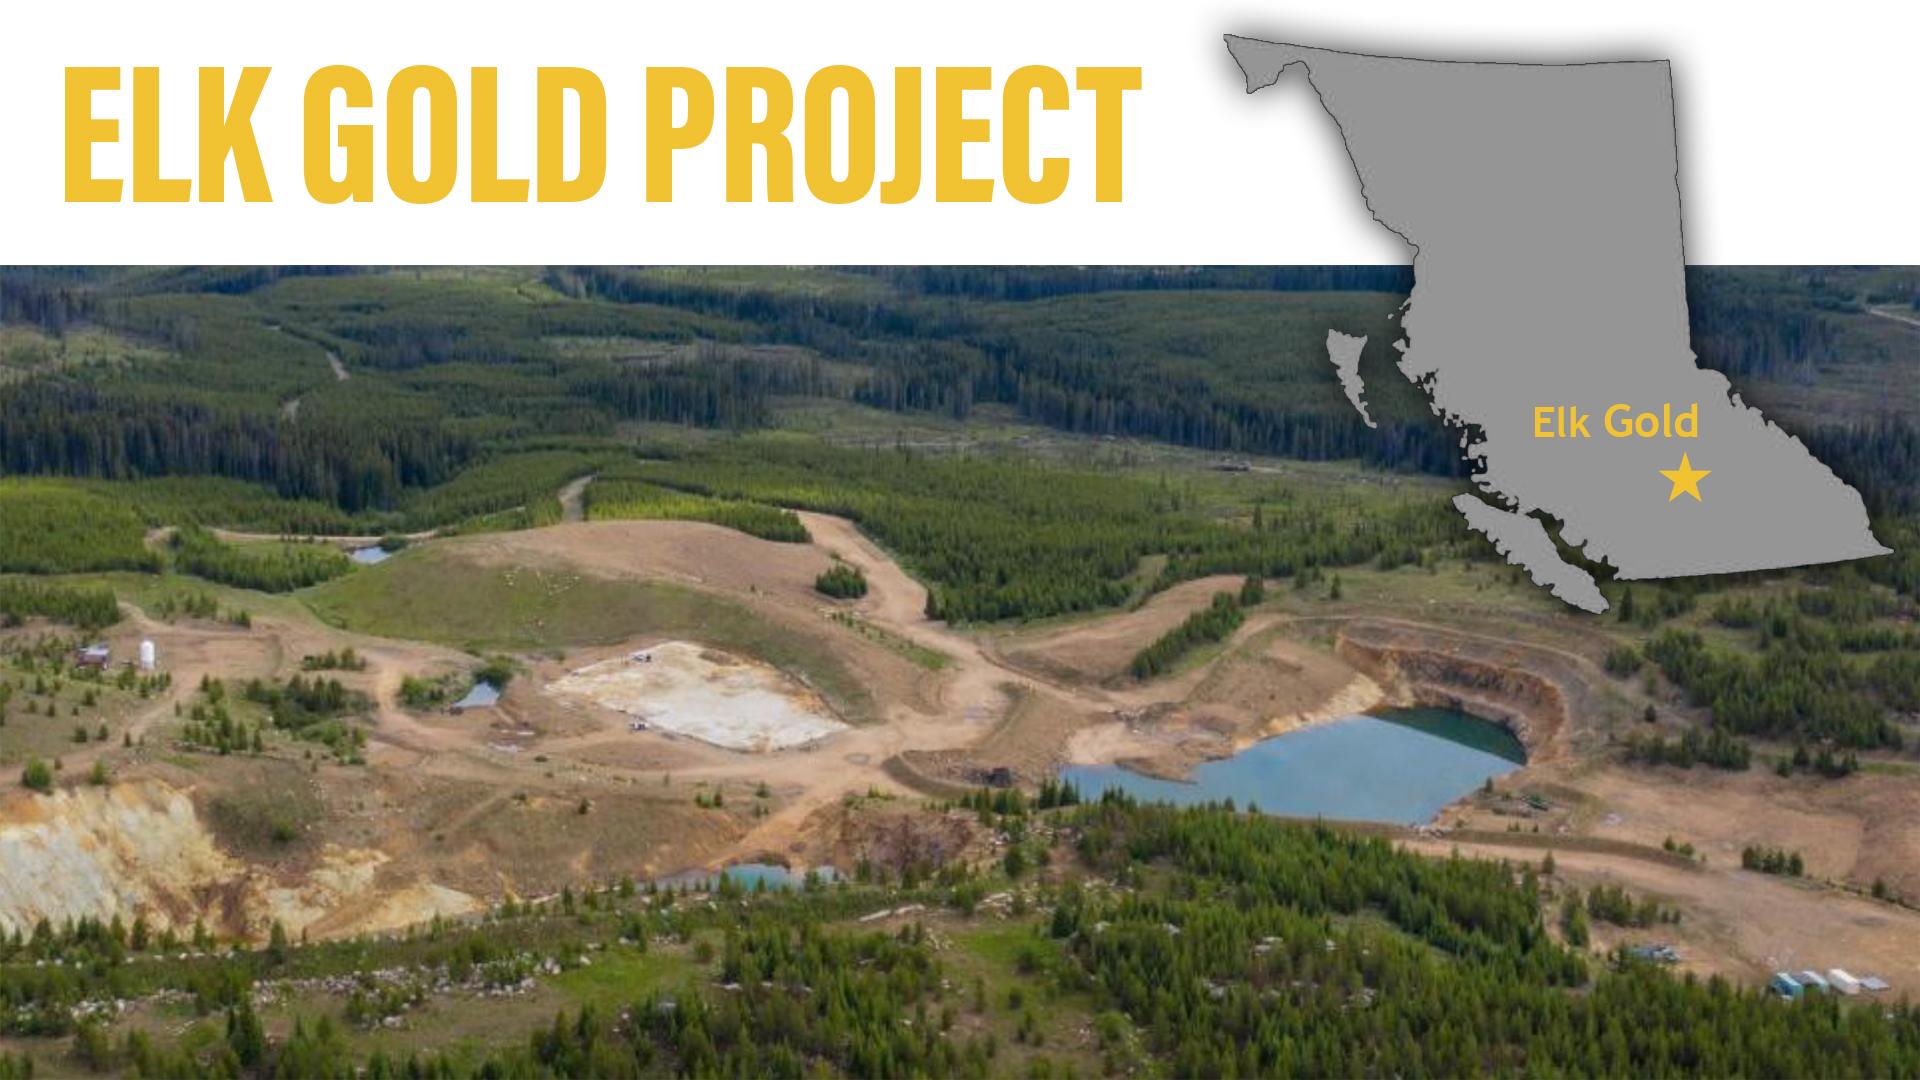 elk-gold-project